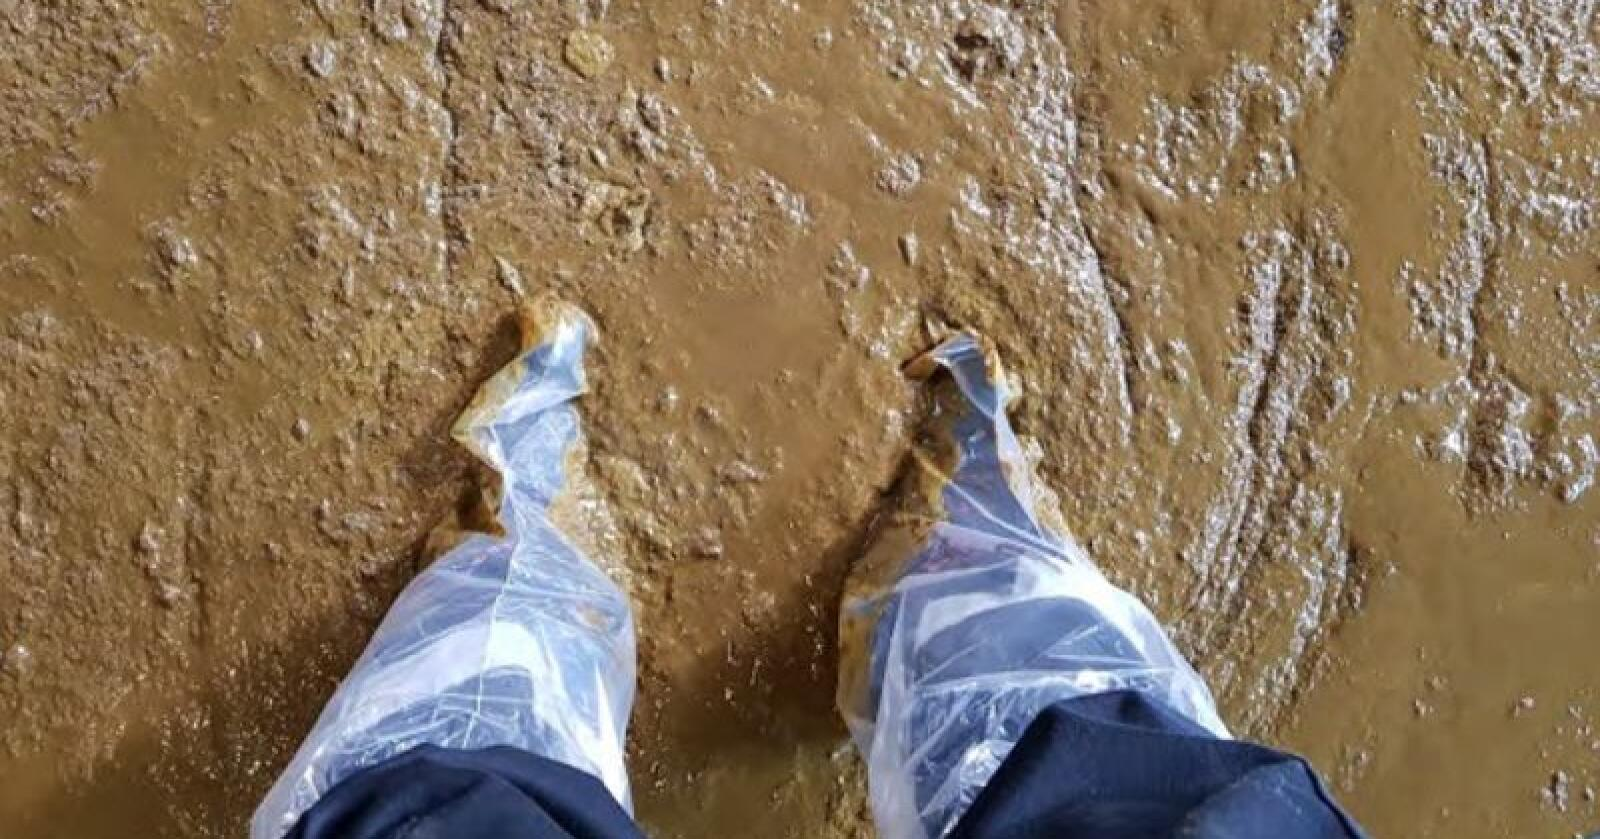 Mattilsynets inspektører hadde møkk til anklene da de var på et tilsyn på en gård for noen år siden. Foto: Mattilsynet